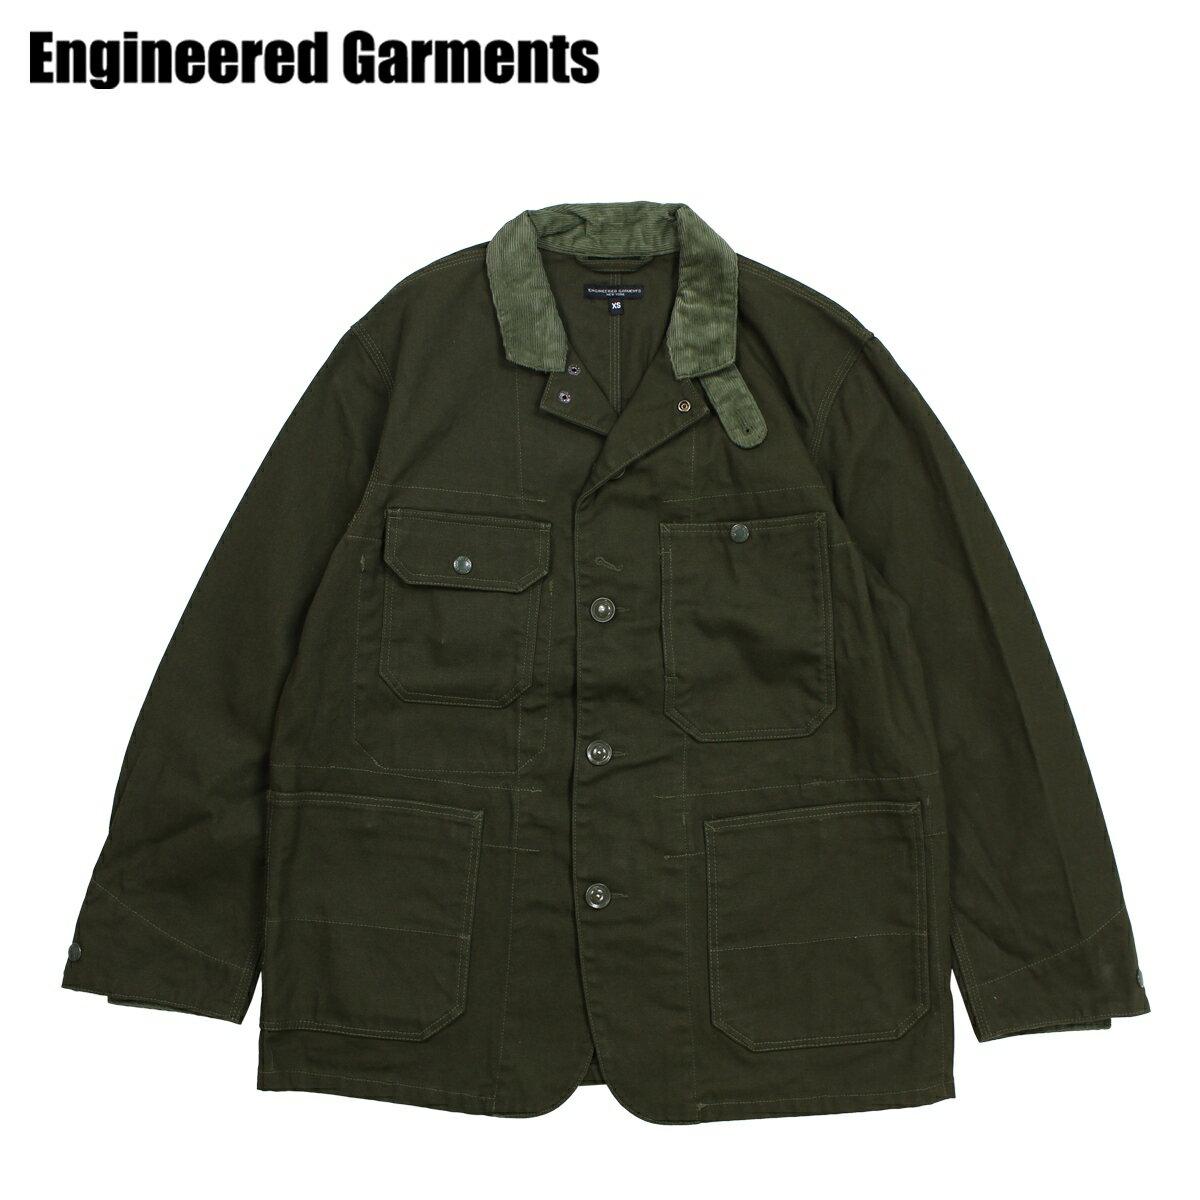 【最大2000円OFFクーポン】 エンジニアドガーメンツ ENGINEERED GARMENTS ジャケット メンズ ロング LOGGER JACKET オリーブ F8D1071